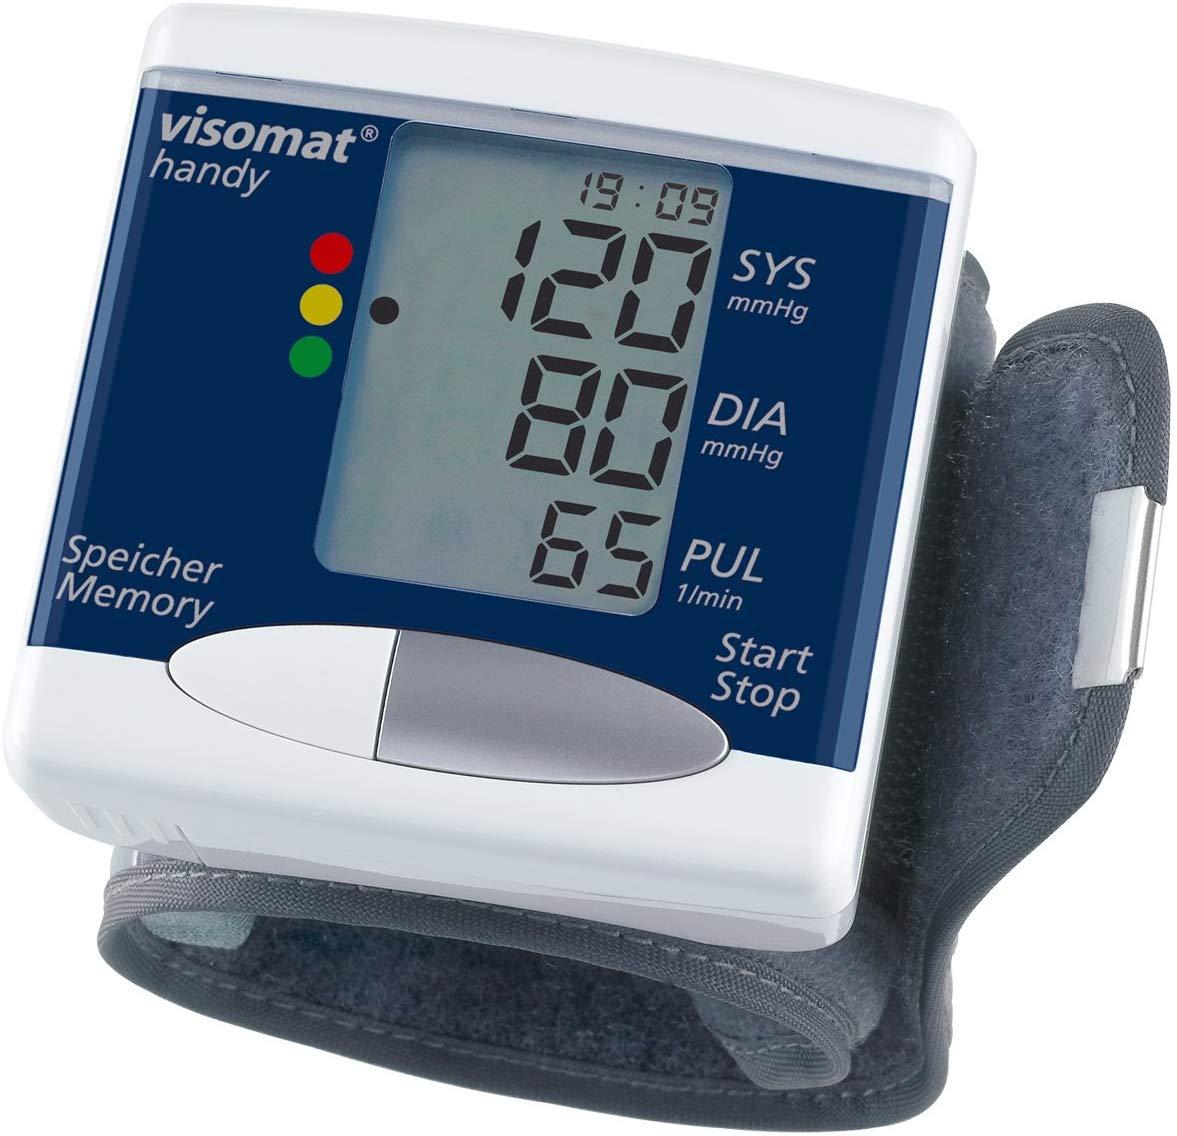 מד לחץ דם visomat handy לפרק כף הידתמונה של